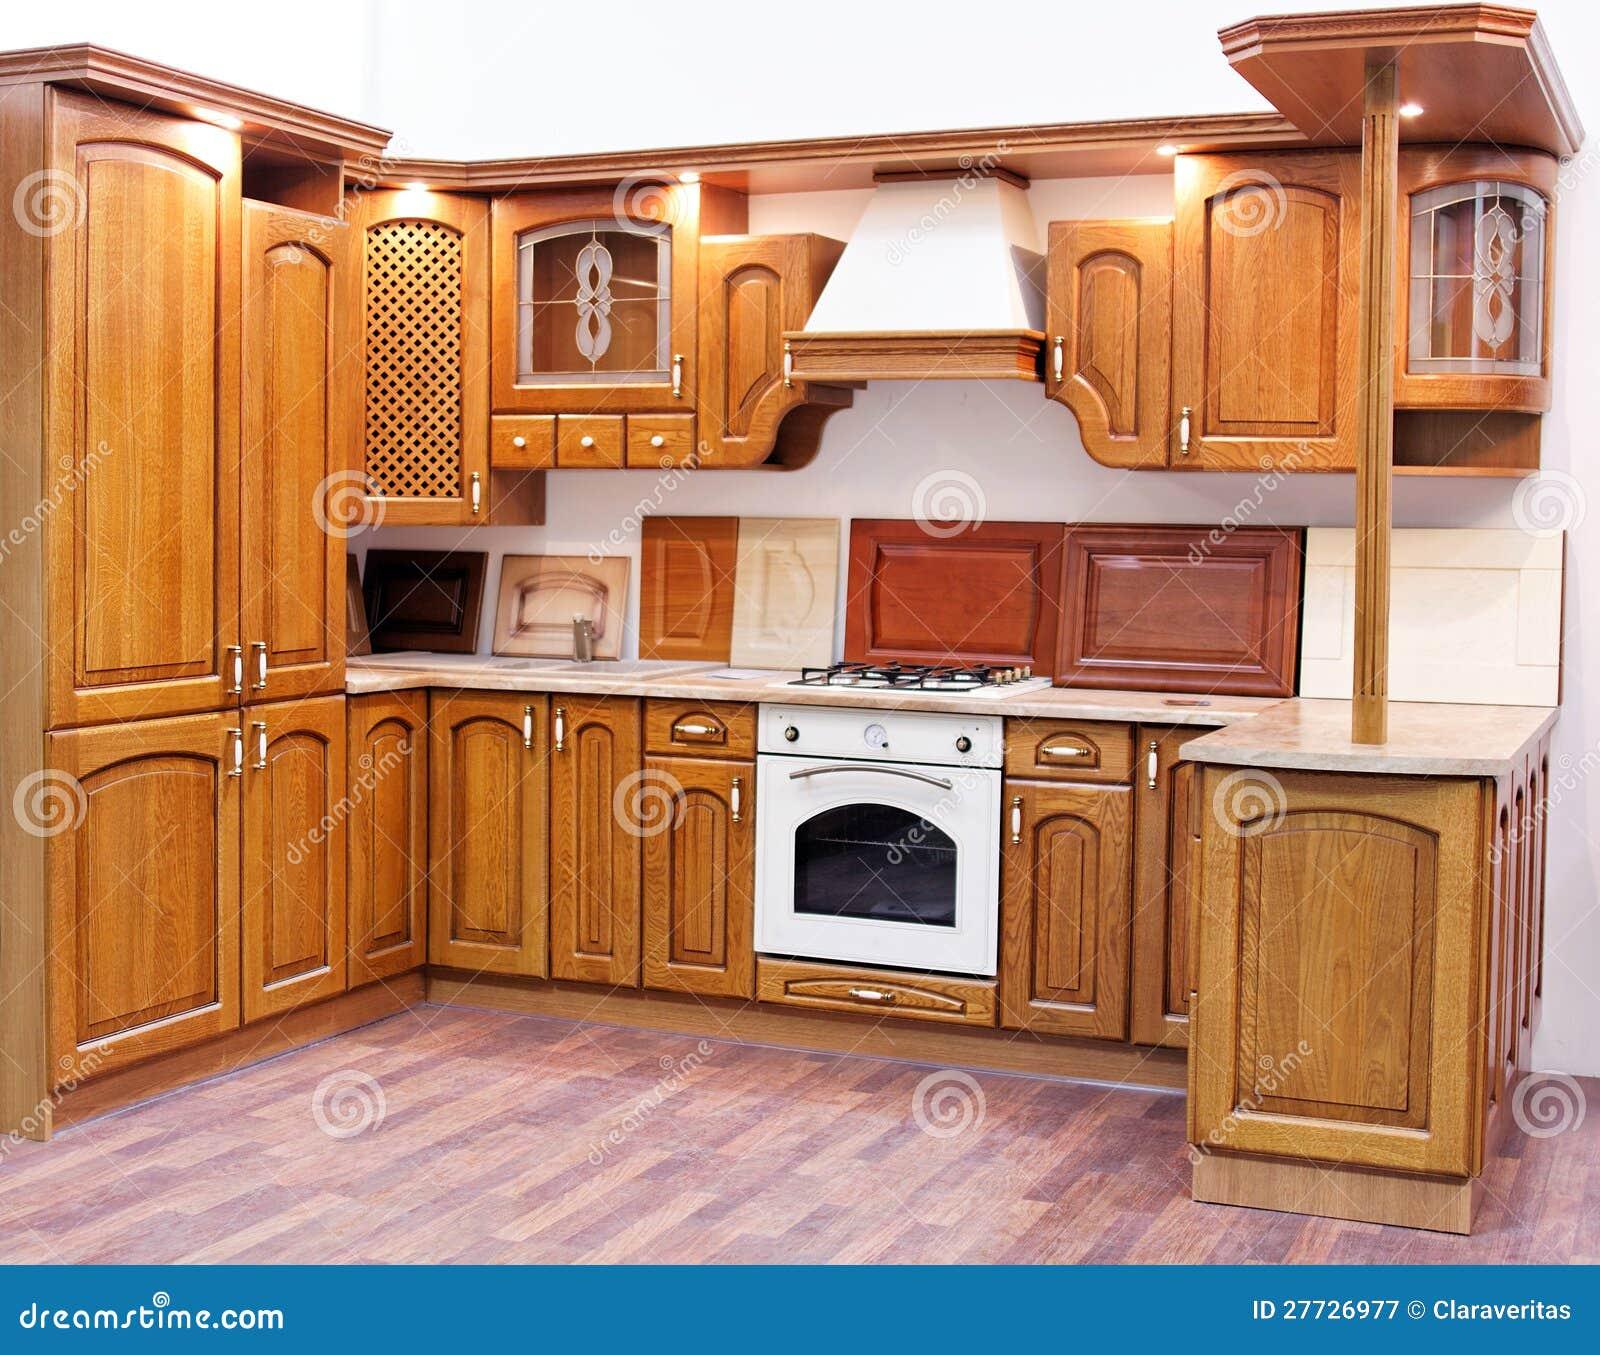 Meubles De Cuisine Image Stock Image Du Cadre Lifestyle